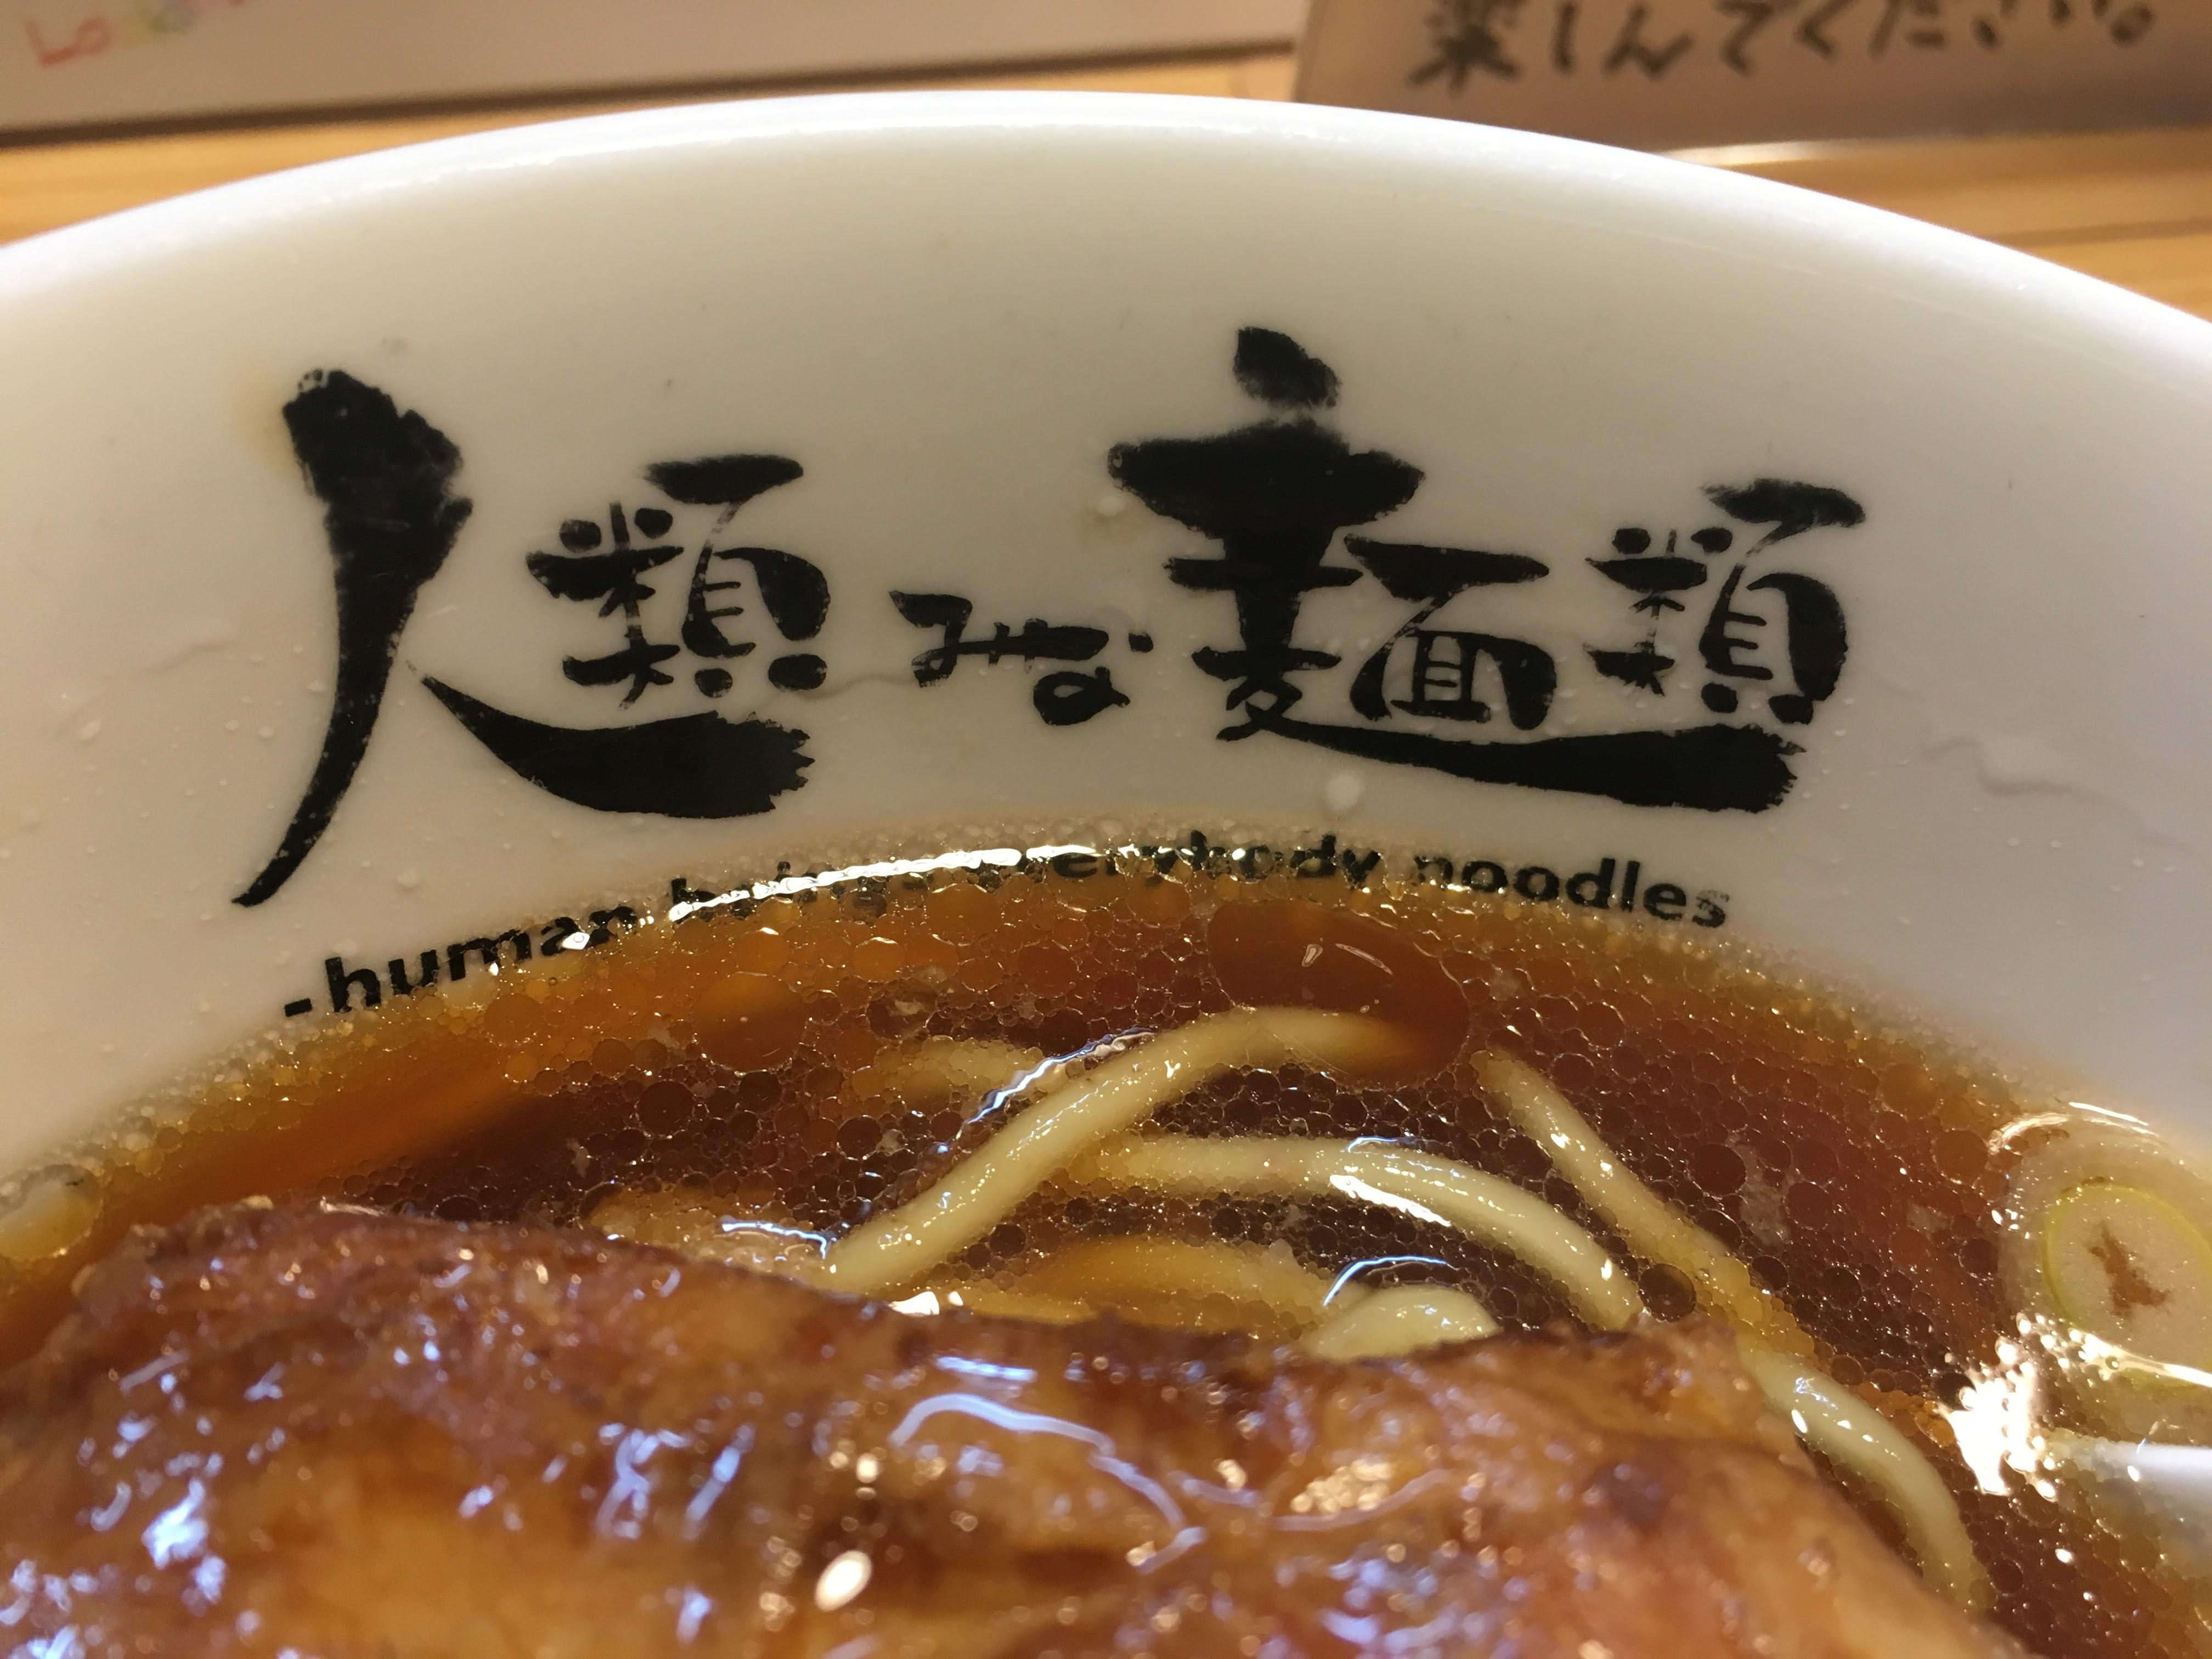 人類みな麺類 | 西中島南方、開店前から50人以上大行列のミスチル大好きラーメン屋さんは、自分の大好きを極めた居心地のいい空間!